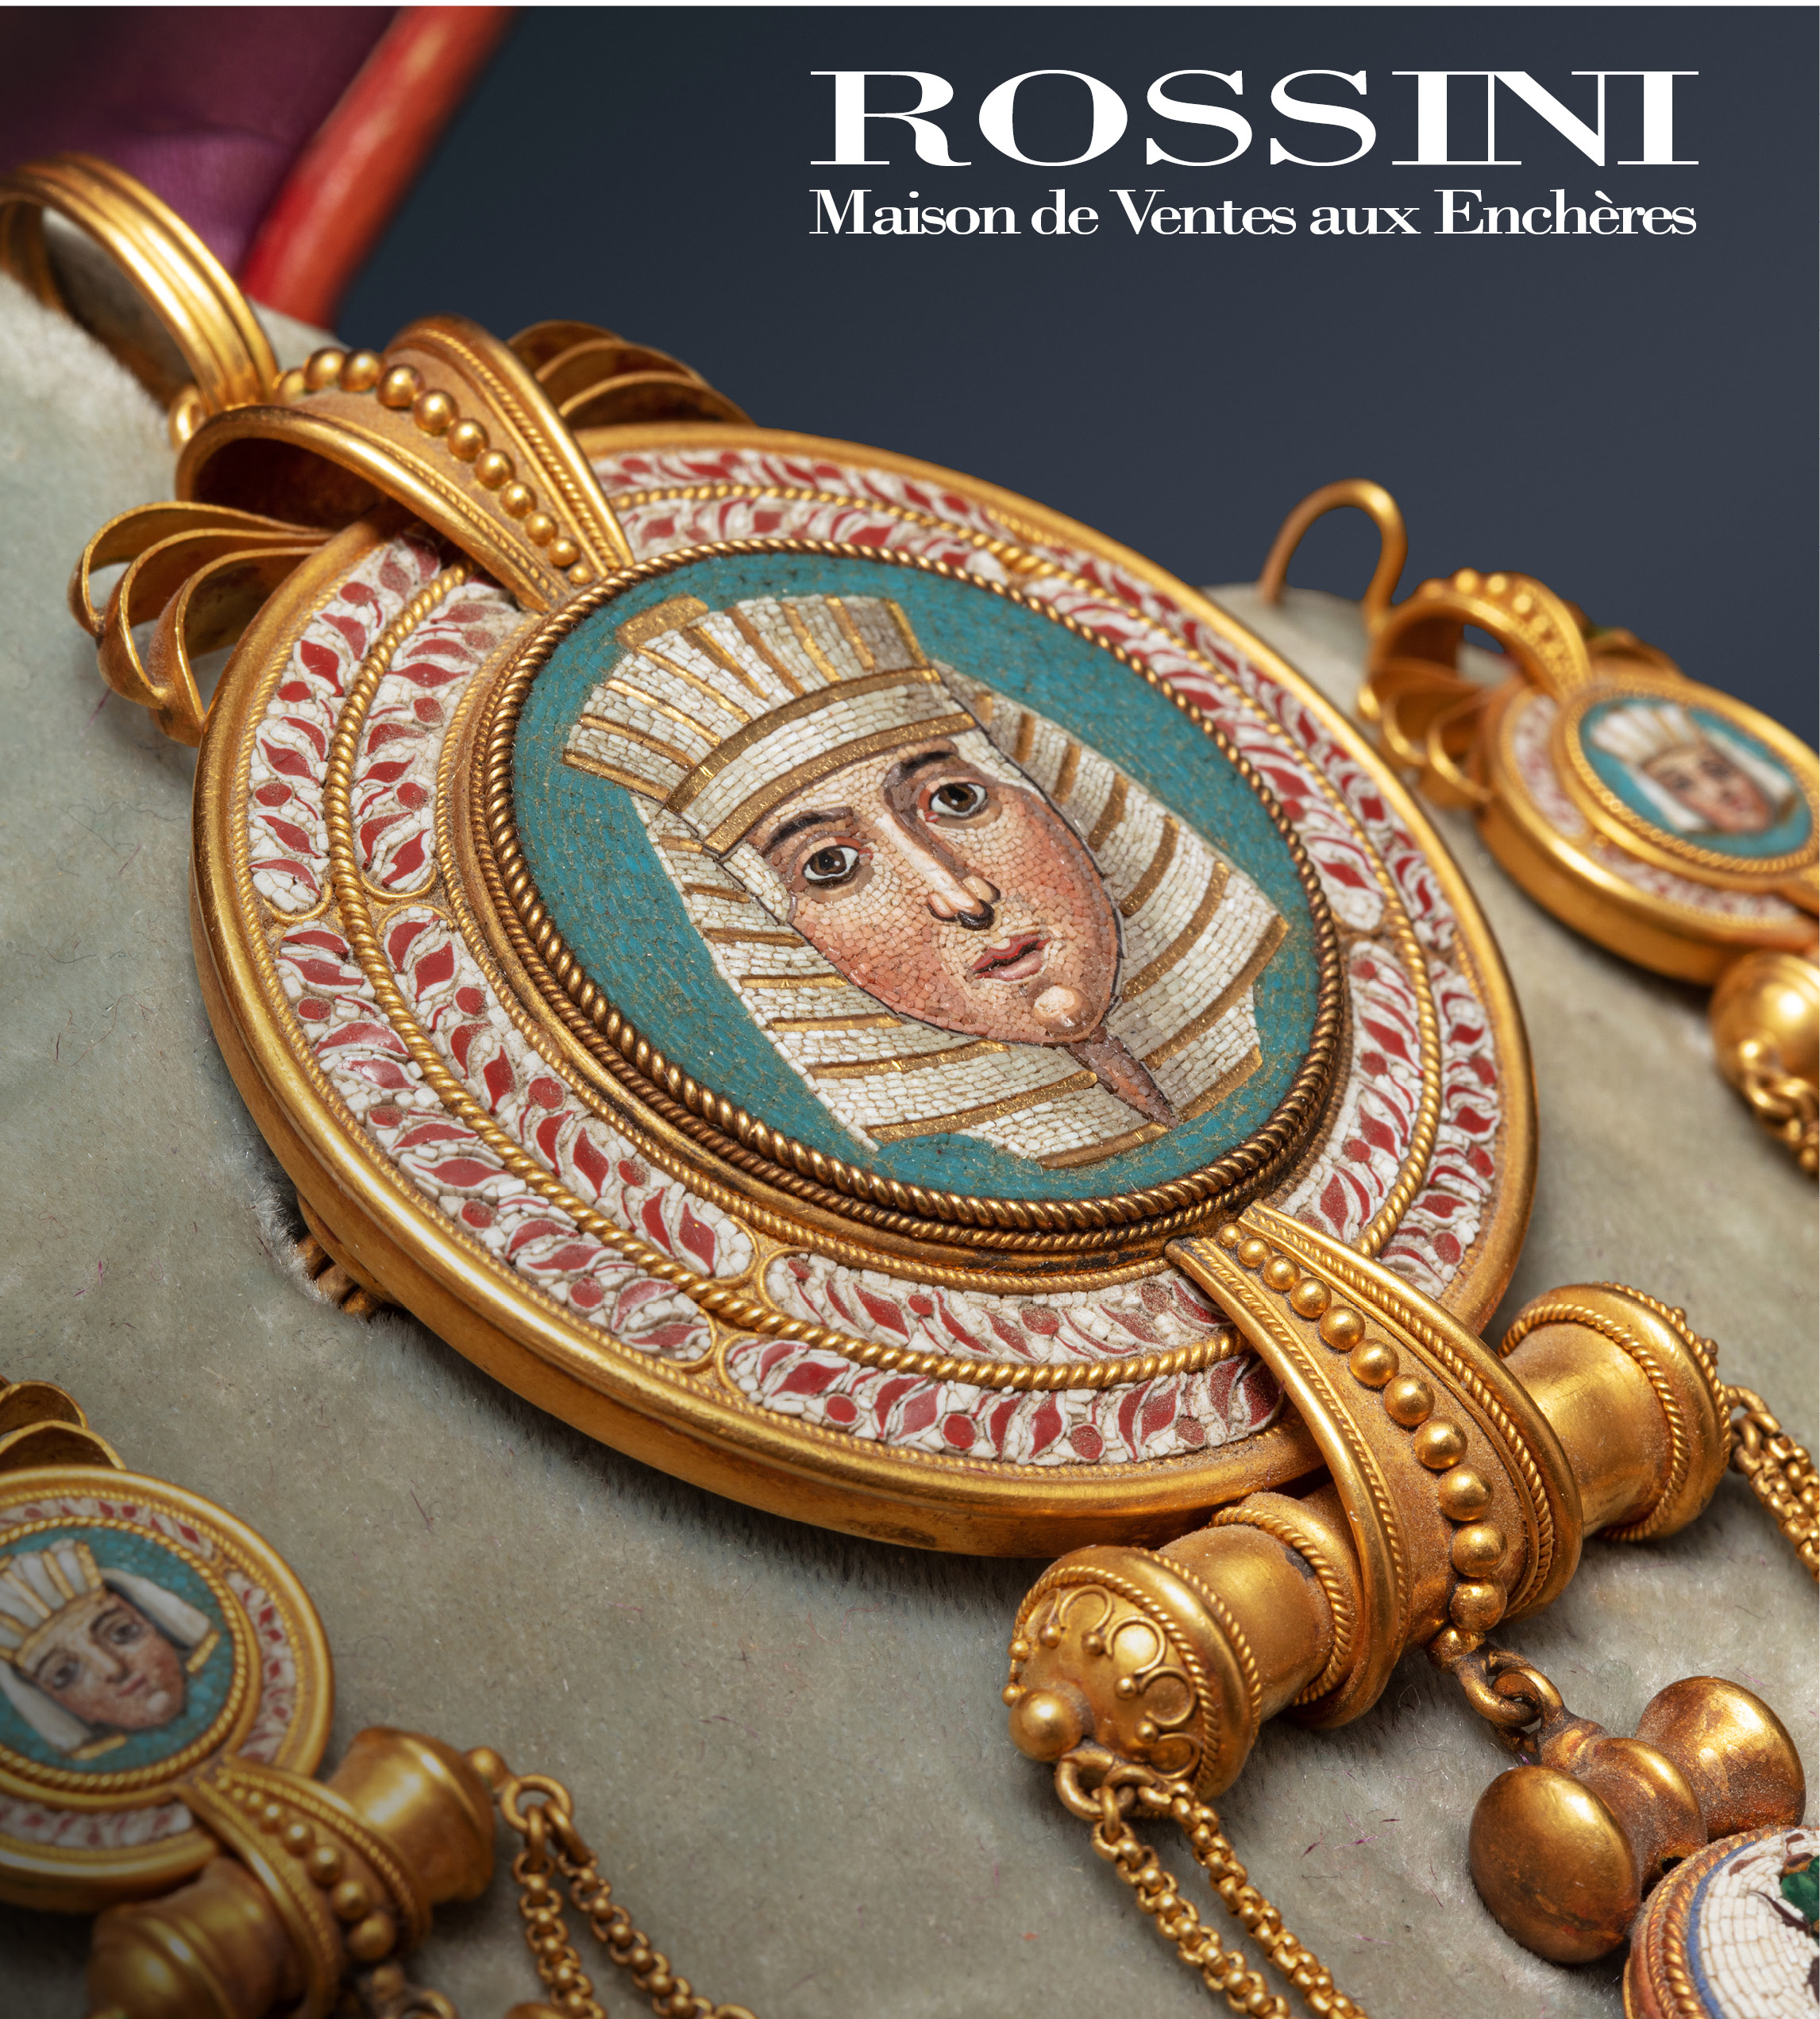 Vente Numismatique, Bijoux, Horlogerie & Argenterie chez Rossini : 248 lots